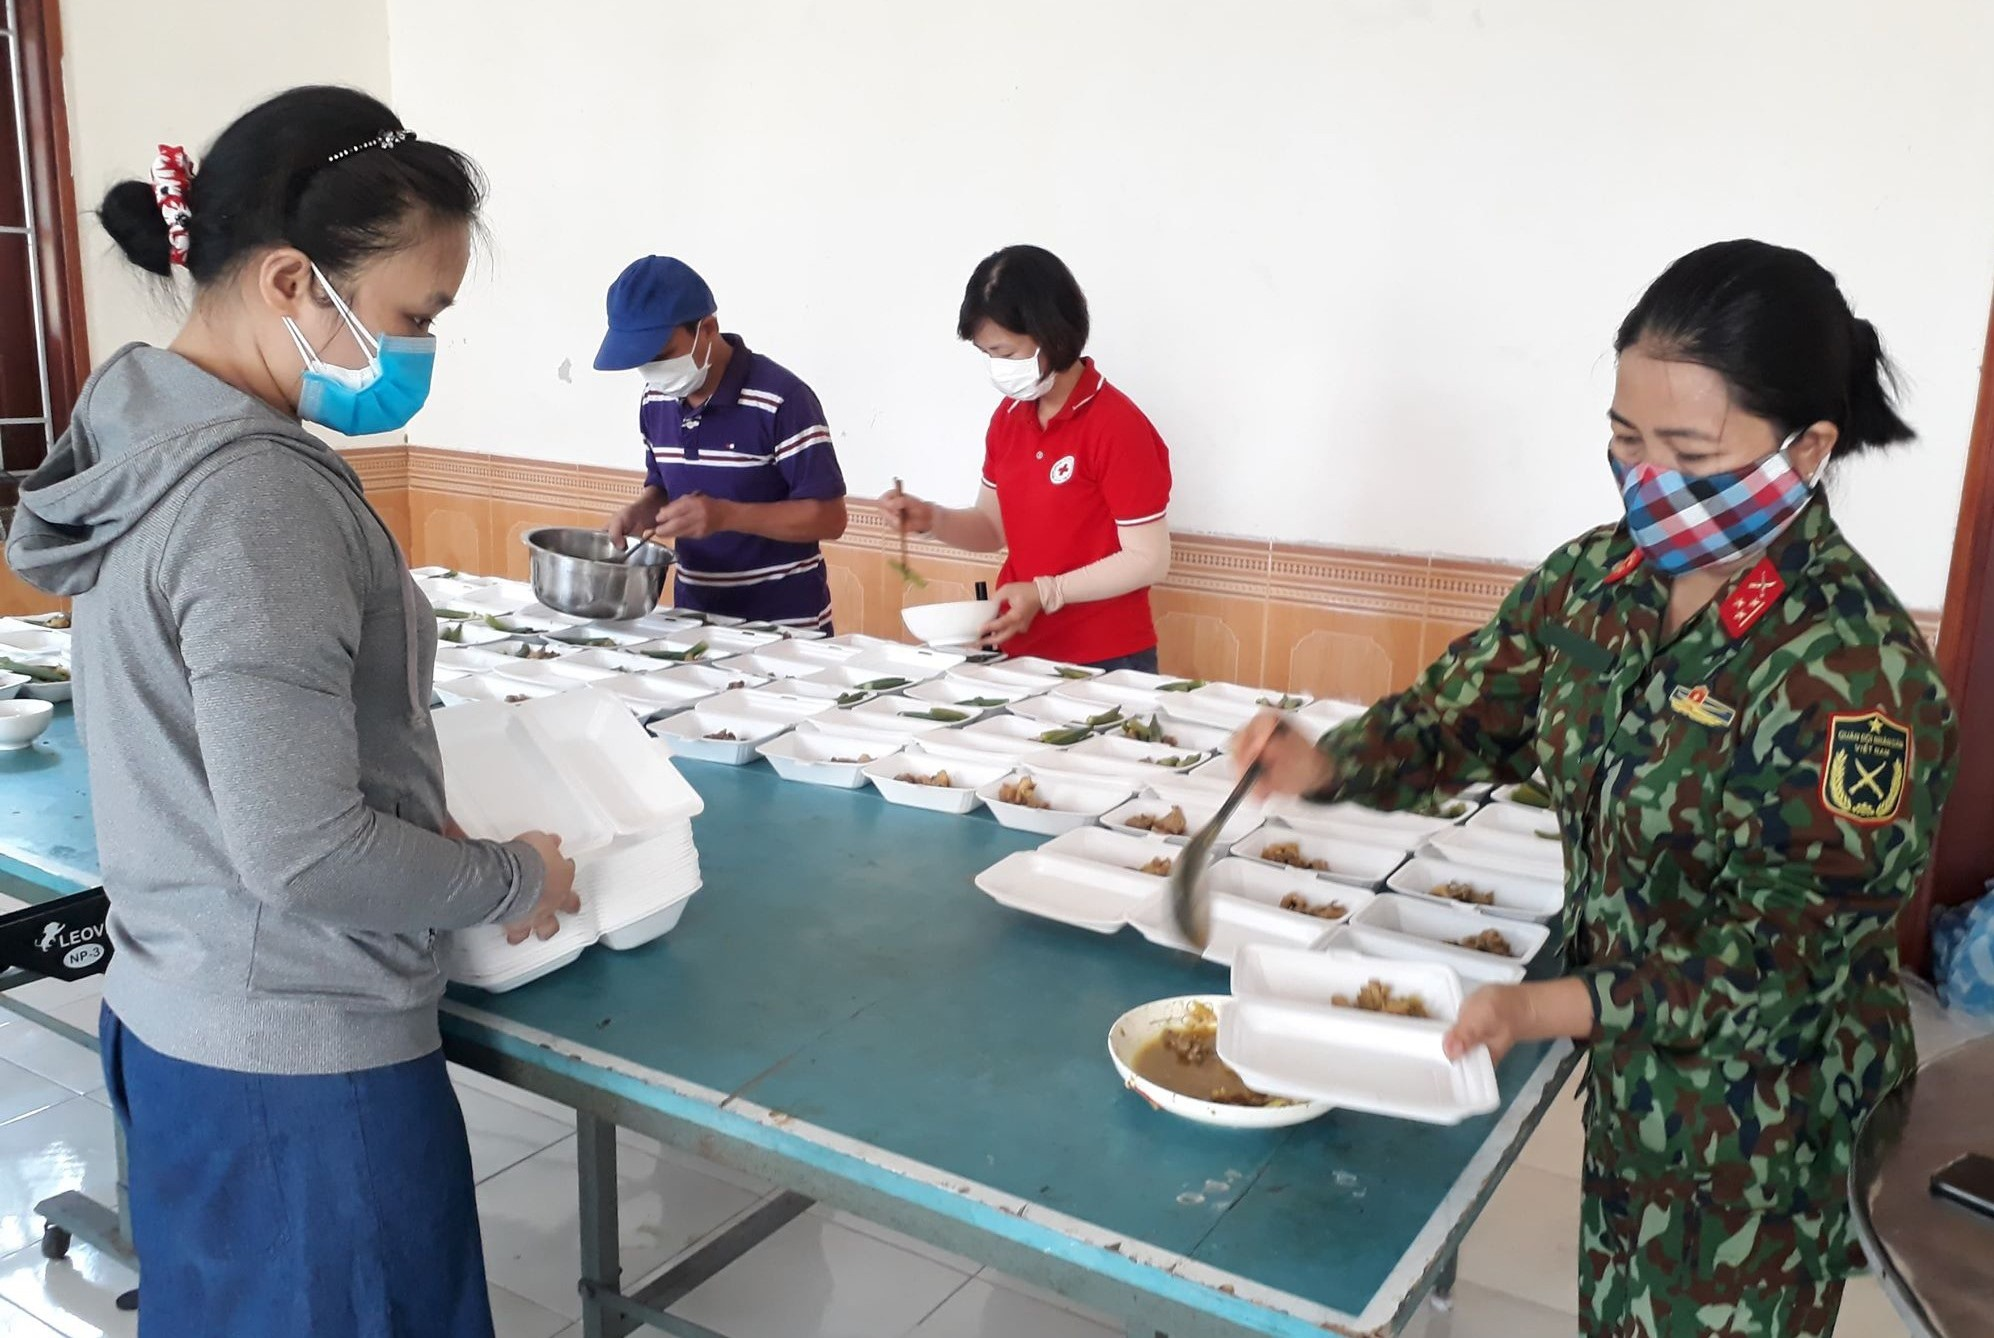 Hội Chữ thập đỏ huyện Quế Sơn tham gia chuẩn bị suất ăn cho lực lượng phòng chống dịch và người dân cách ly tập trung. Ảnh: D.T